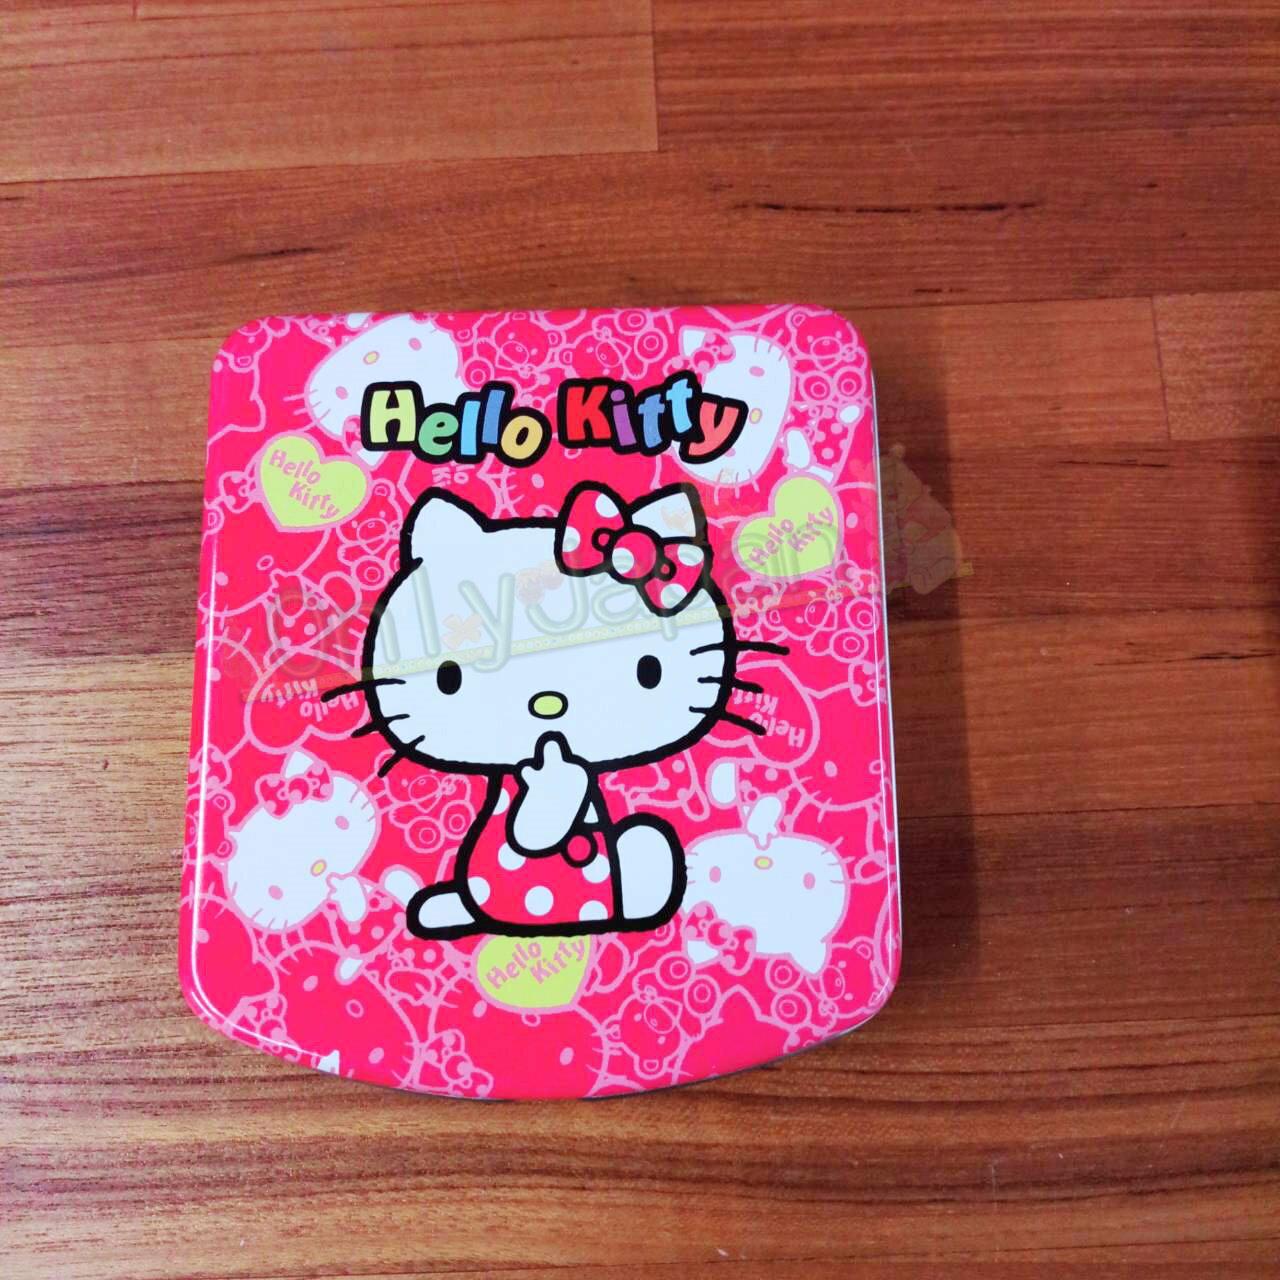 19020100092 便條紙鐵盒-KT吮指側坐桃 凱蒂貓kitty memo紙 便籤 辦公室小物 便條紙 文具 真愛日本